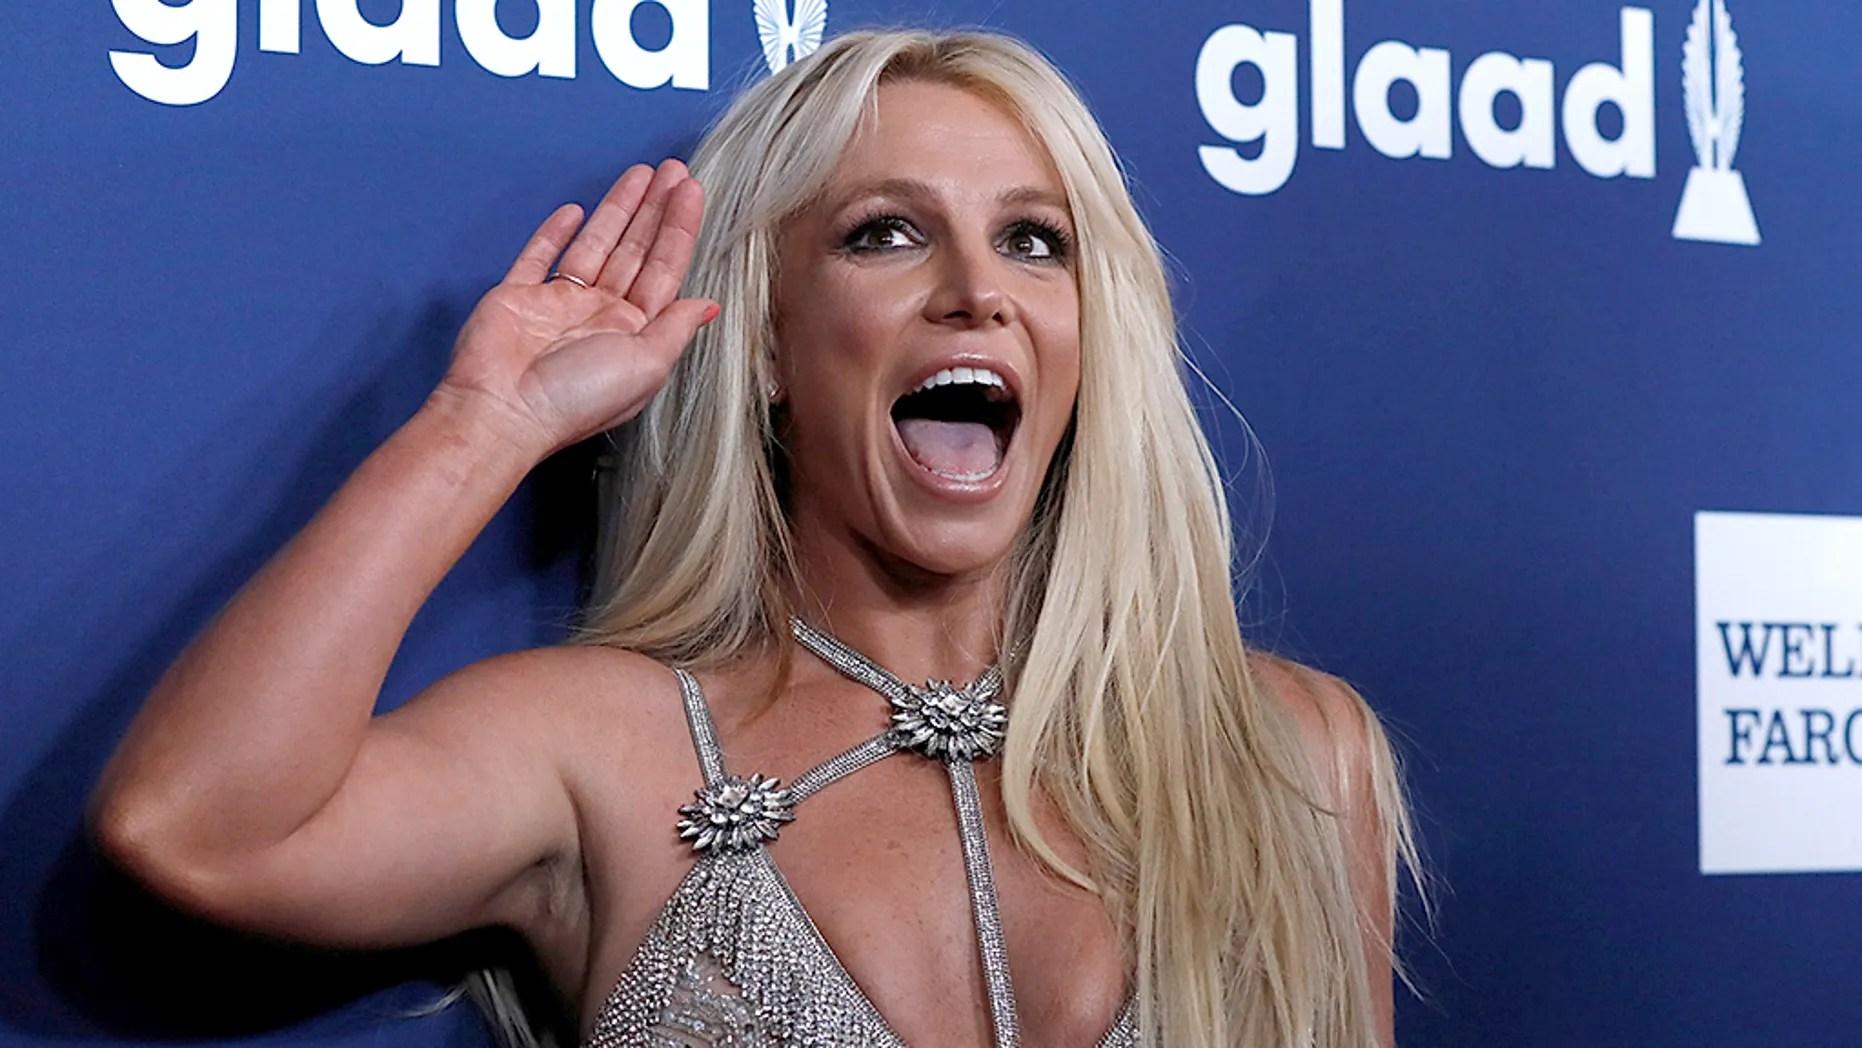 Britney Spears' evolution, from 2007 meltdown to Vegas residency | Fox News